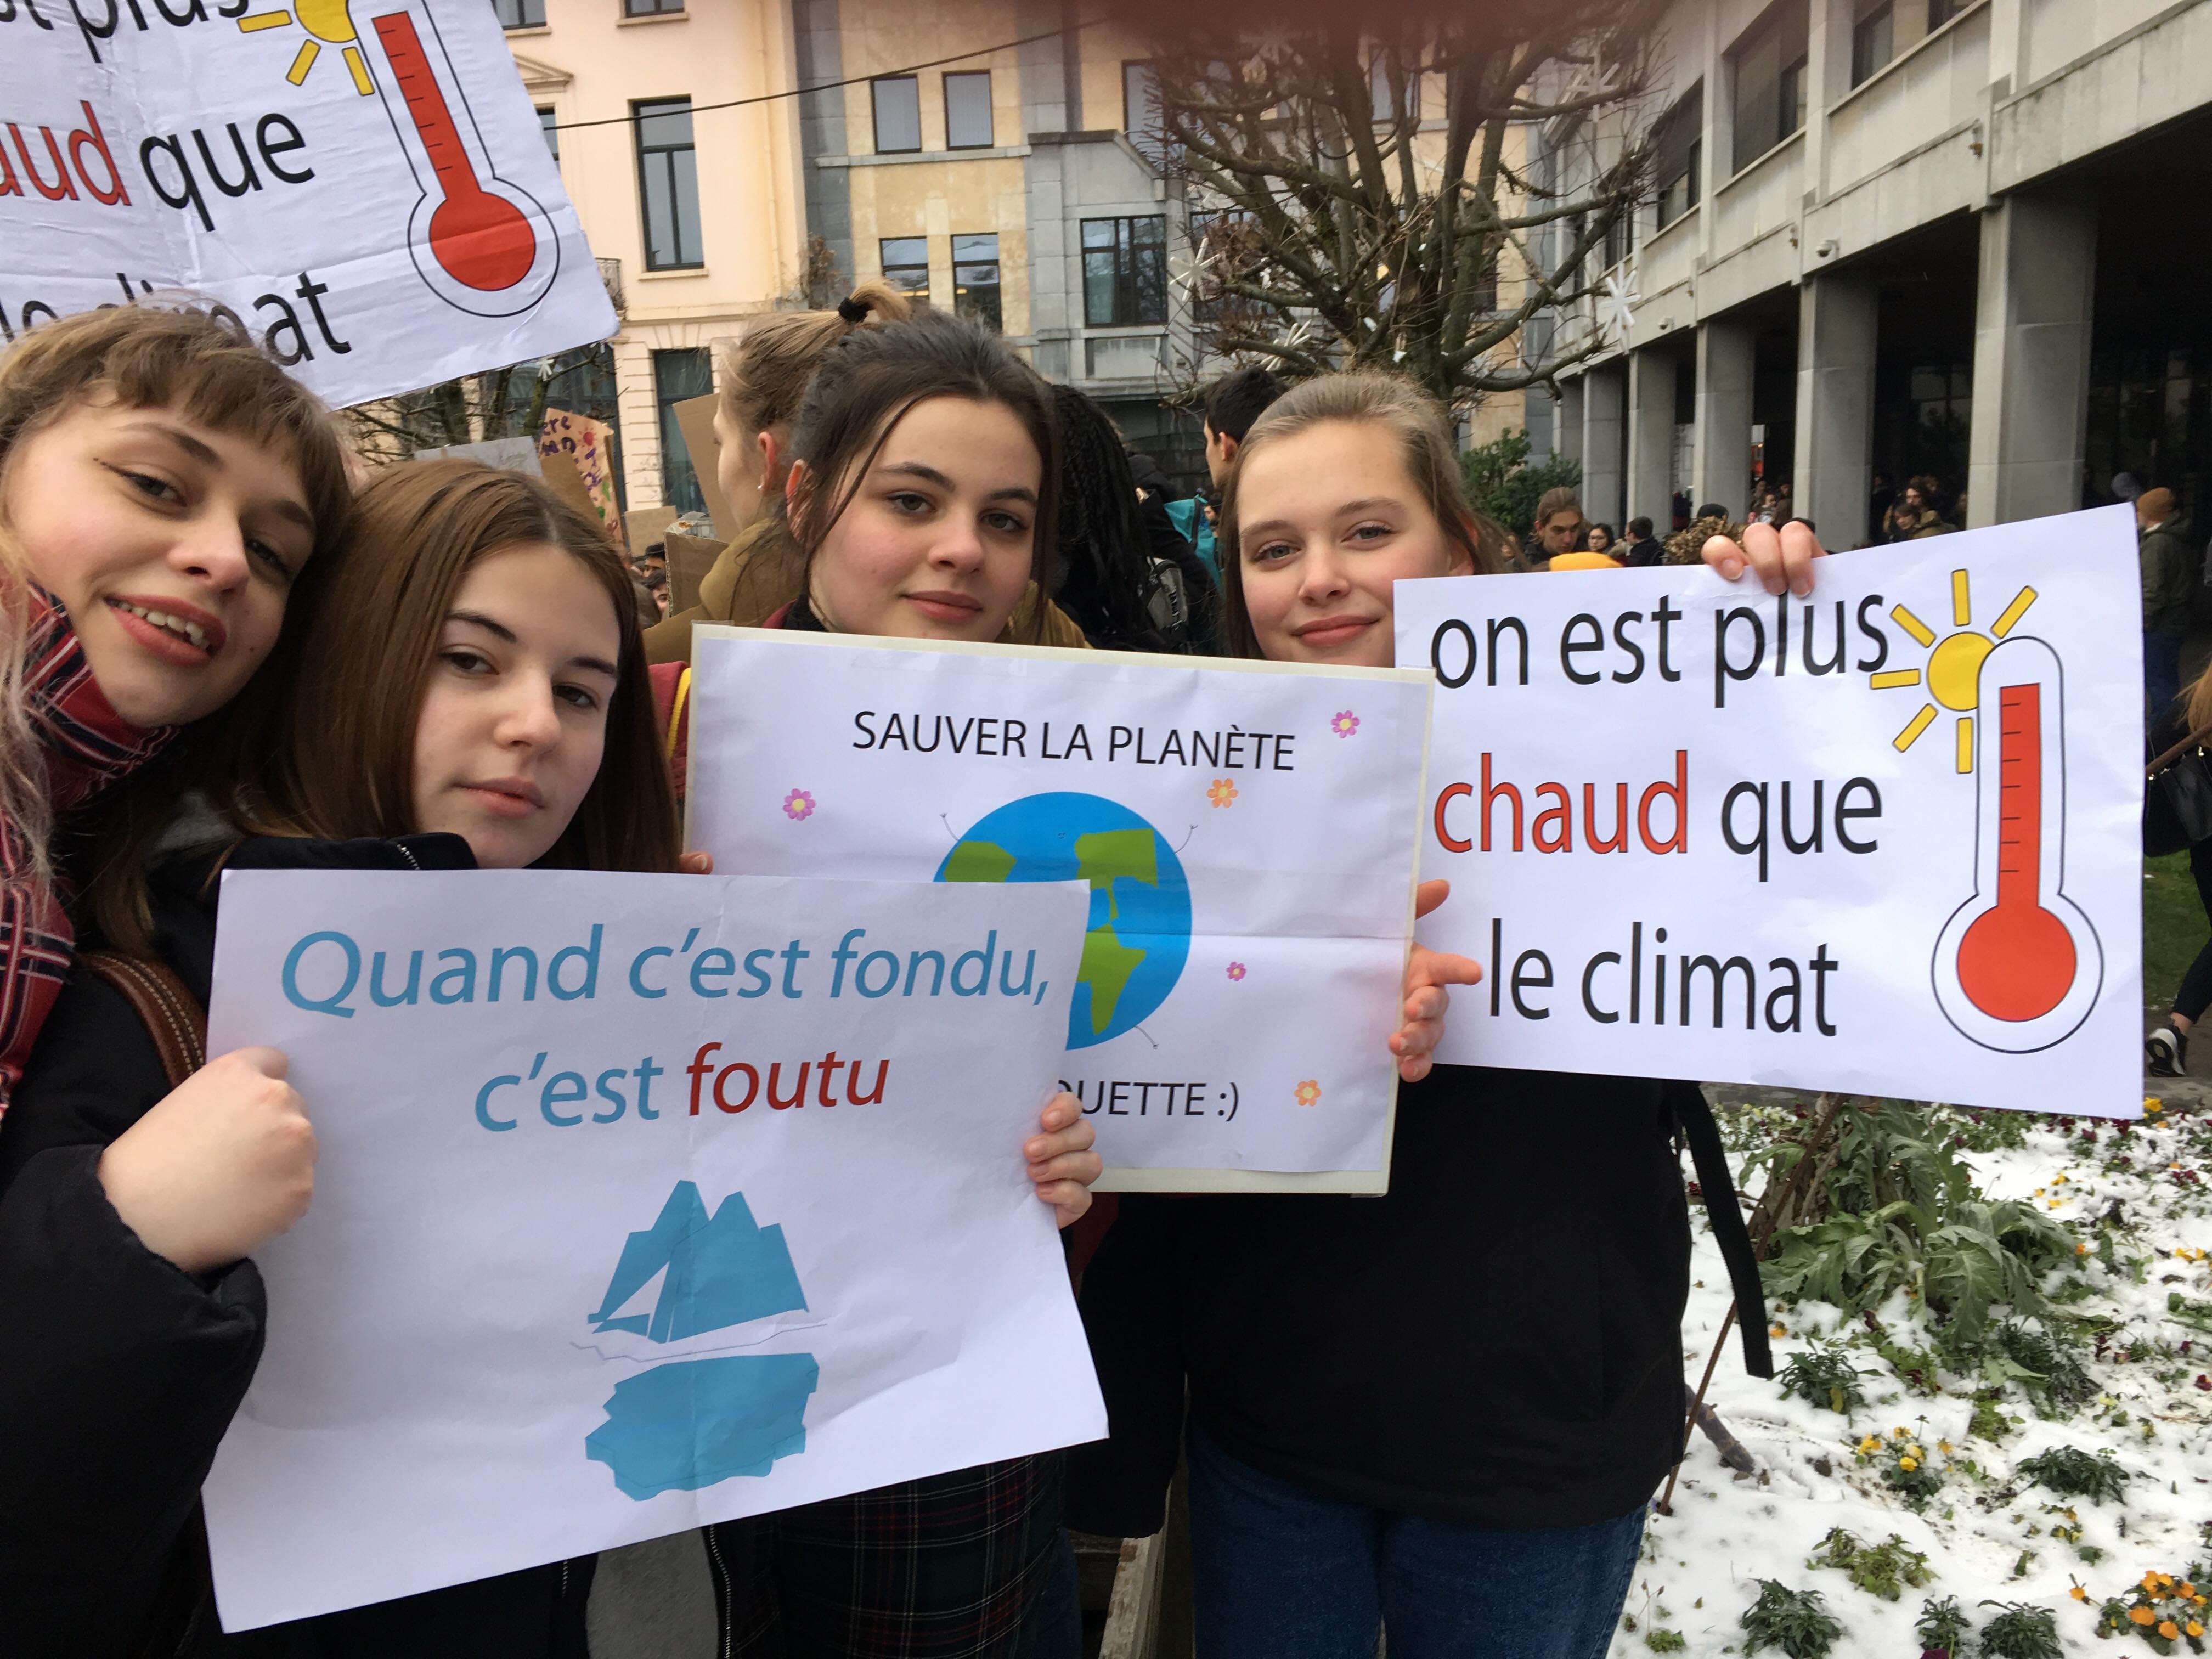 Manfestation pour le climat dans les rues de Namur